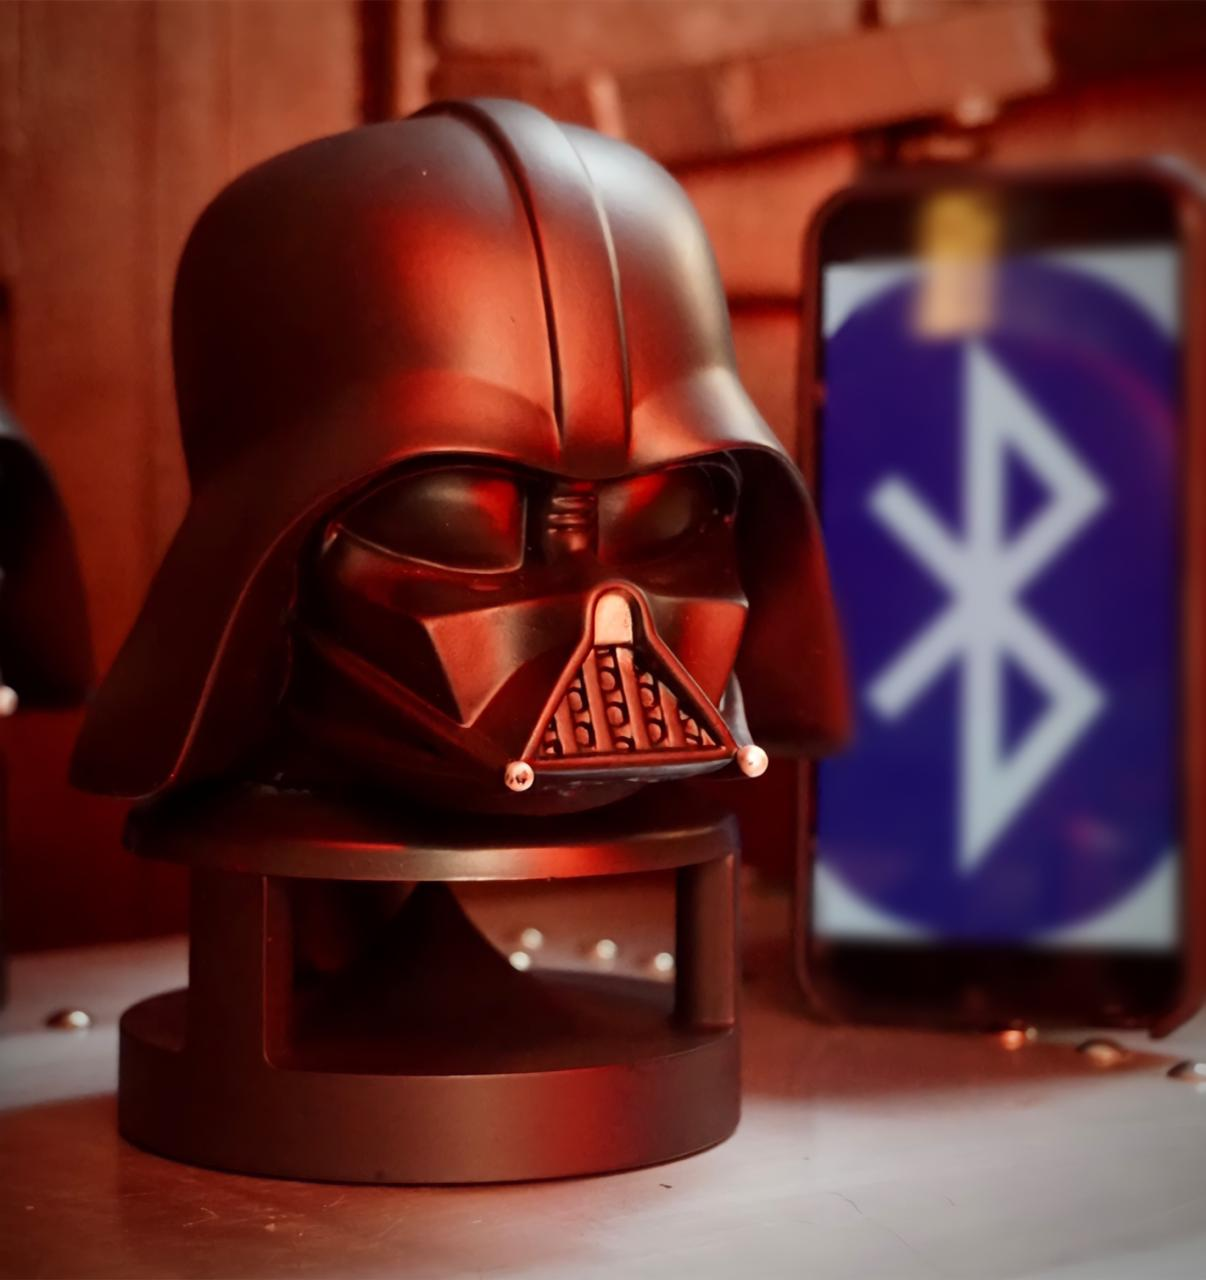 Caixa de Som Speaker Bluetooth Cabeça Darth Vader: Star Wars